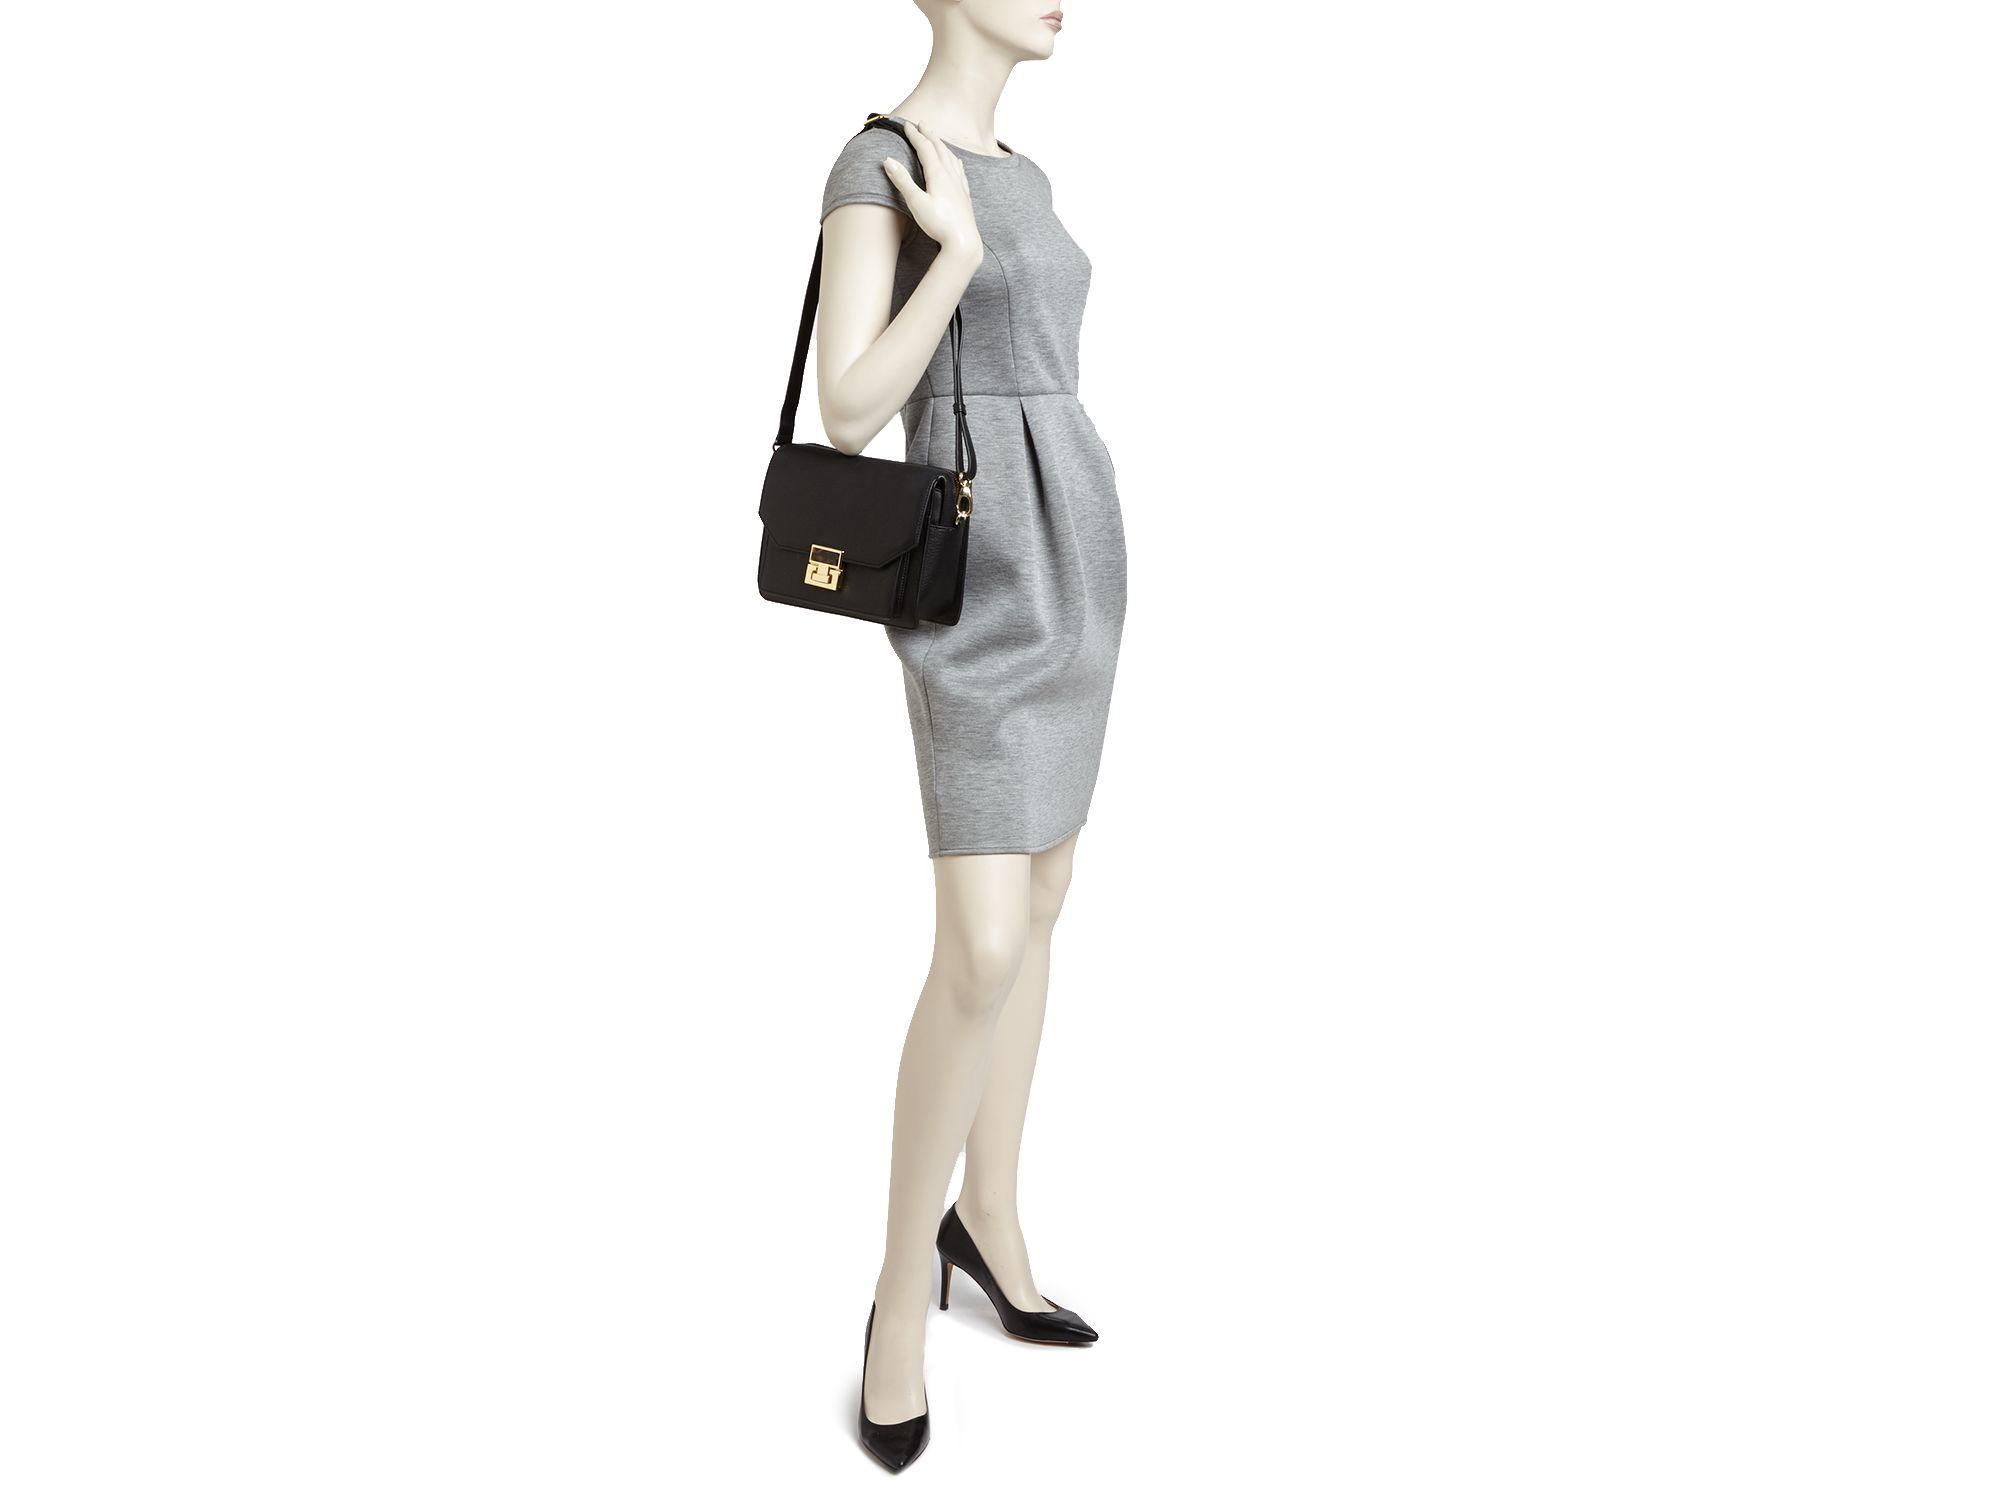 97d57d45d61 Ivanka Trump Hopewell Top Zip Shoulder Bag in Black - Lyst